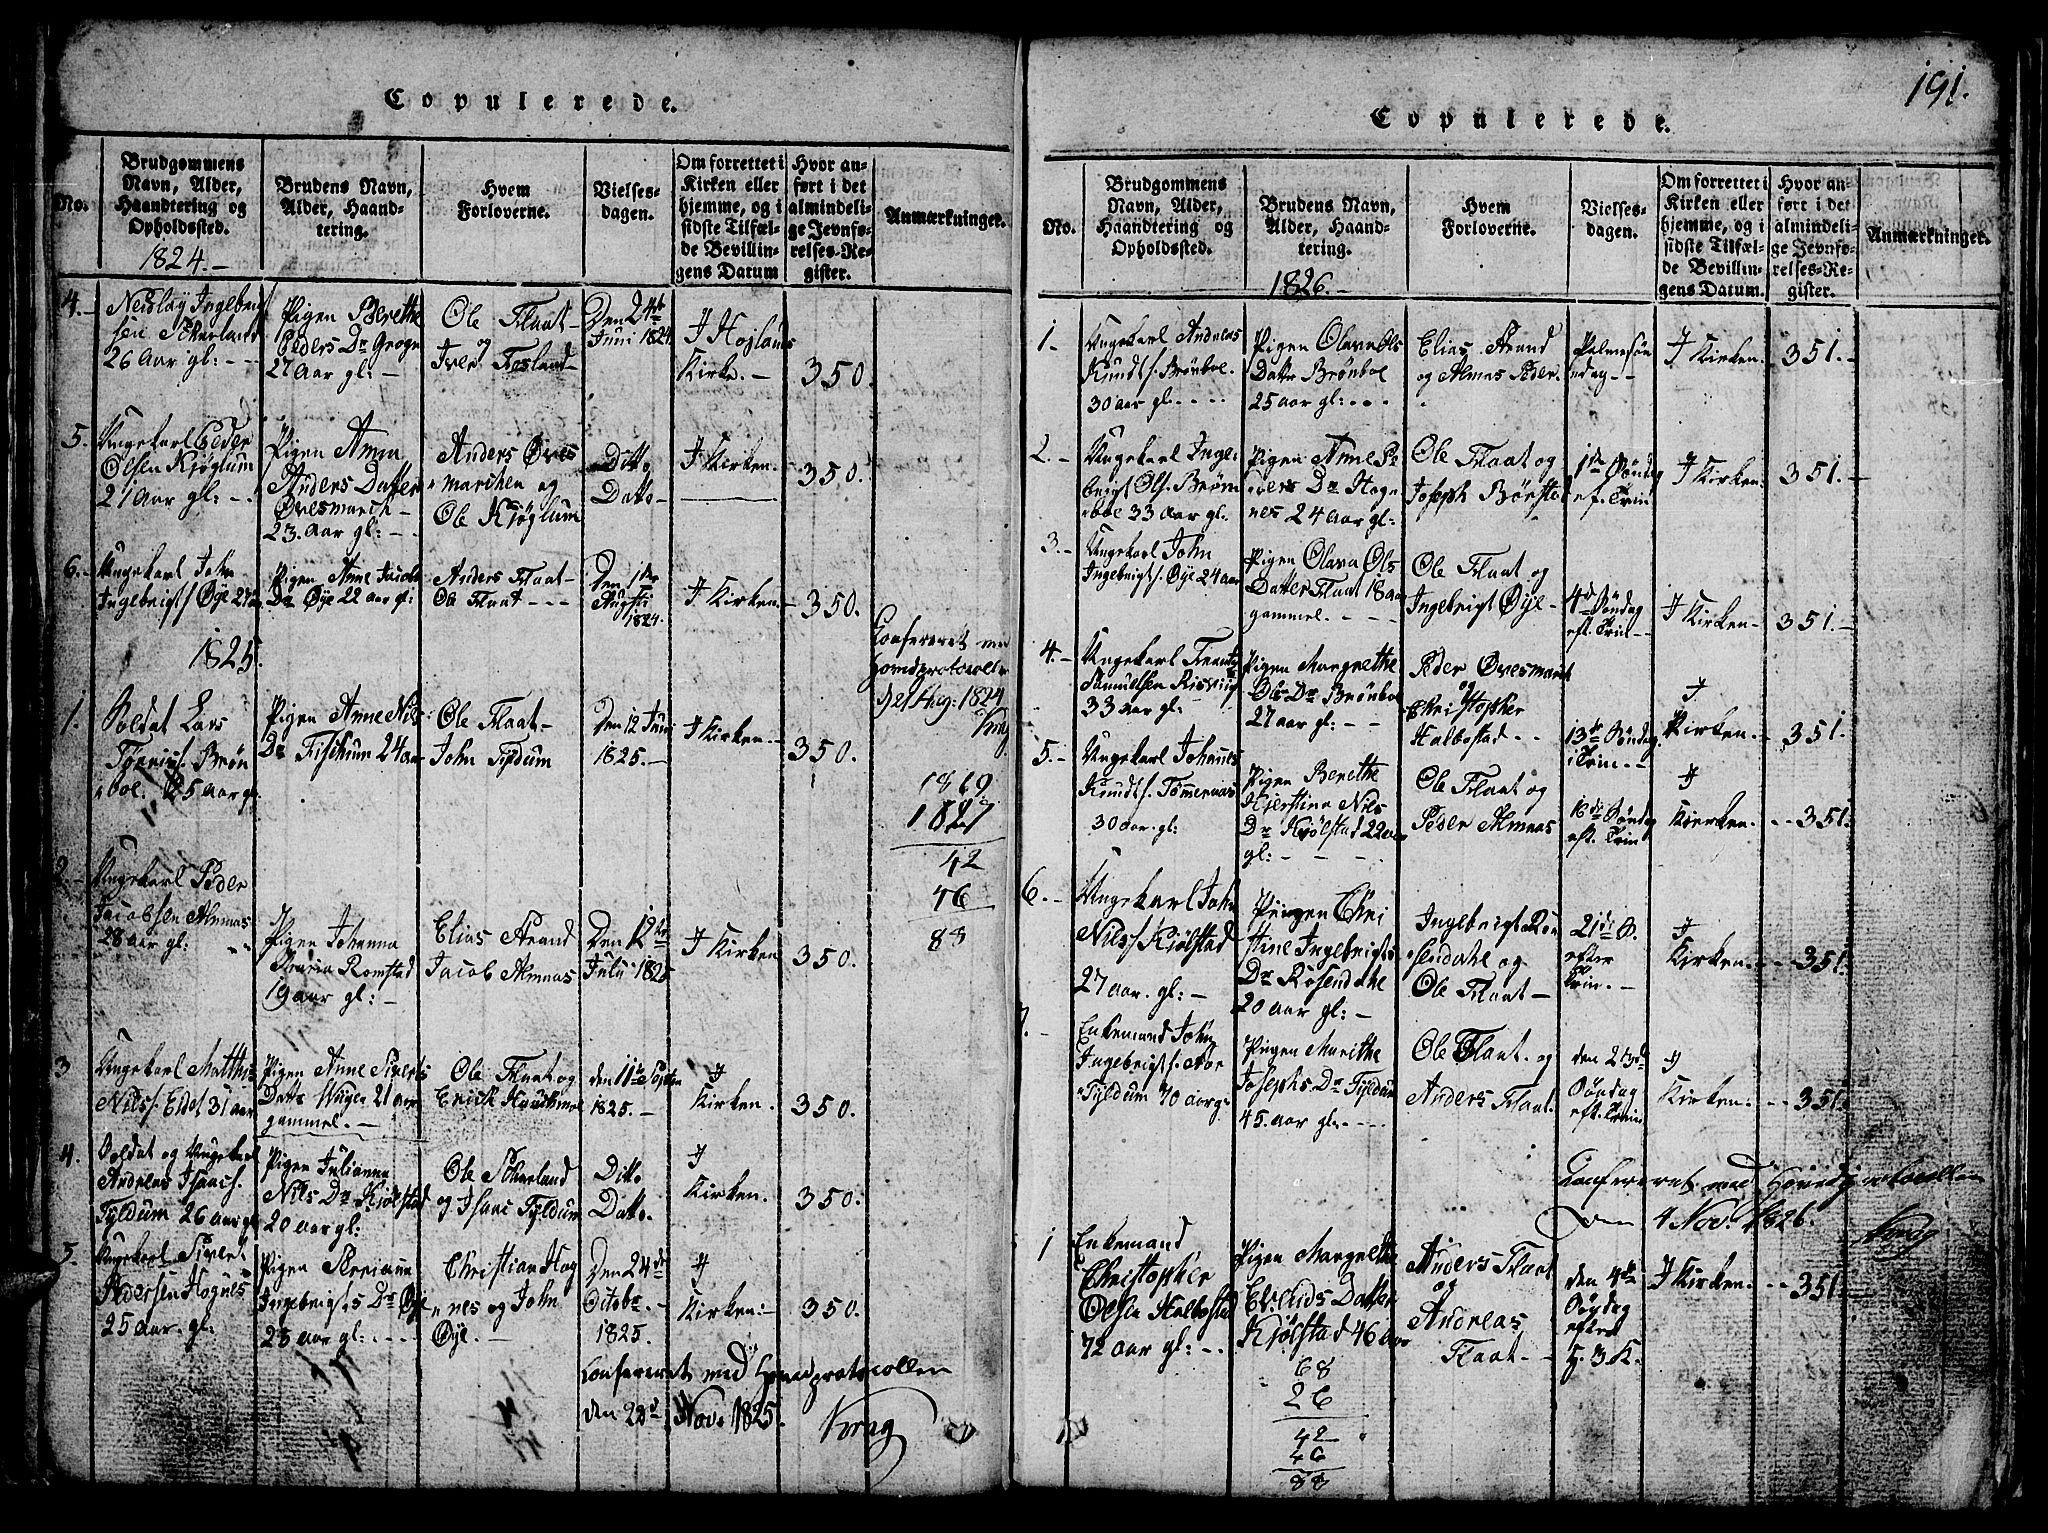 SAT, Ministerialprotokoller, klokkerbøker og fødselsregistre - Nord-Trøndelag, 765/L0562: Klokkerbok nr. 765C01, 1817-1851, s. 191